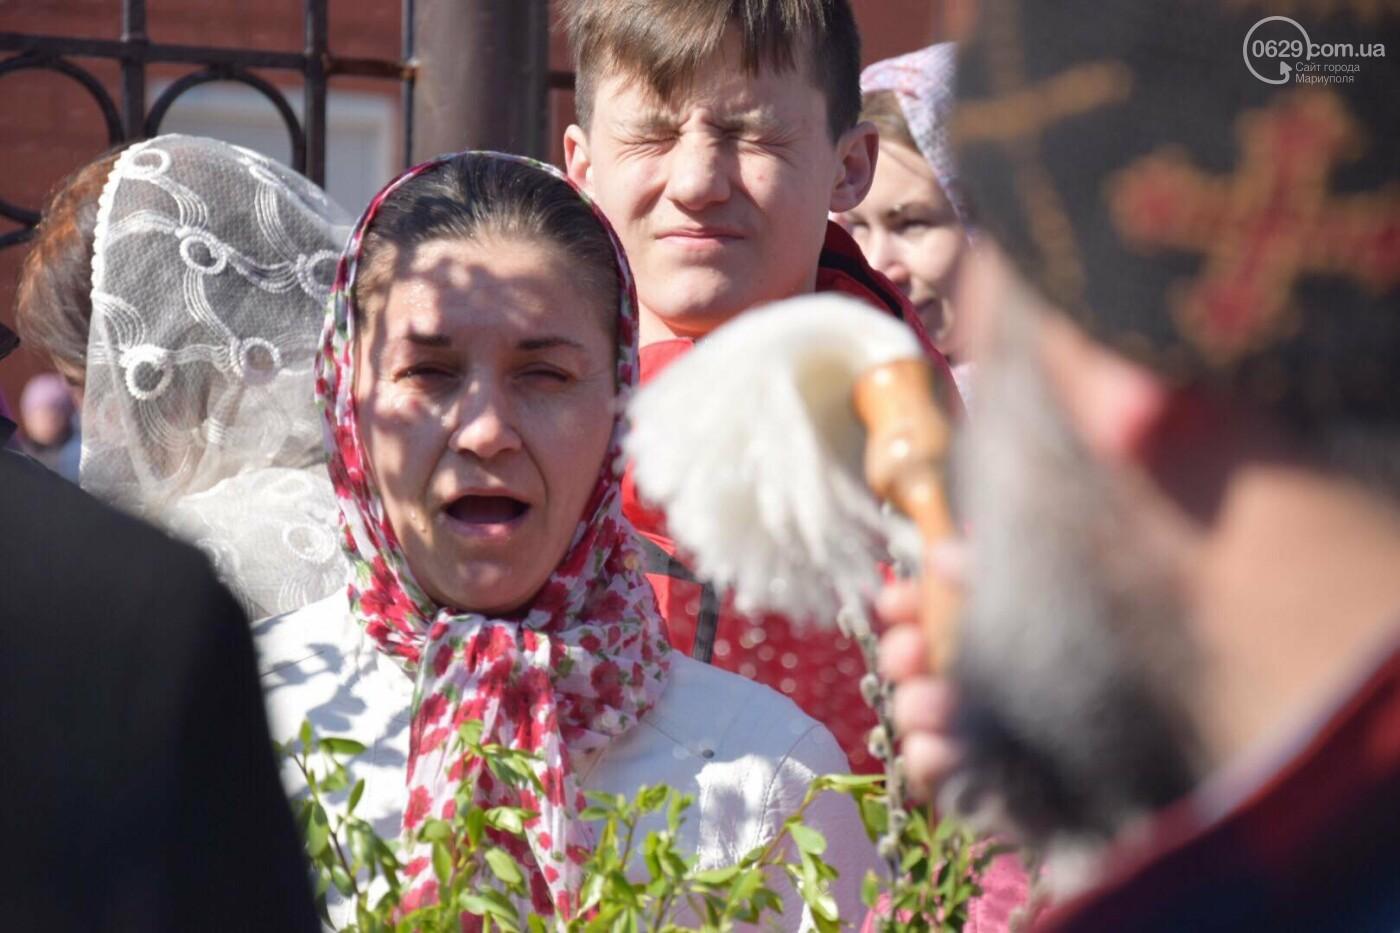 Выборы и верба: как Мариуполь празднует православный праздник, - ФОТОРЕПОРТАЖ, фото-41